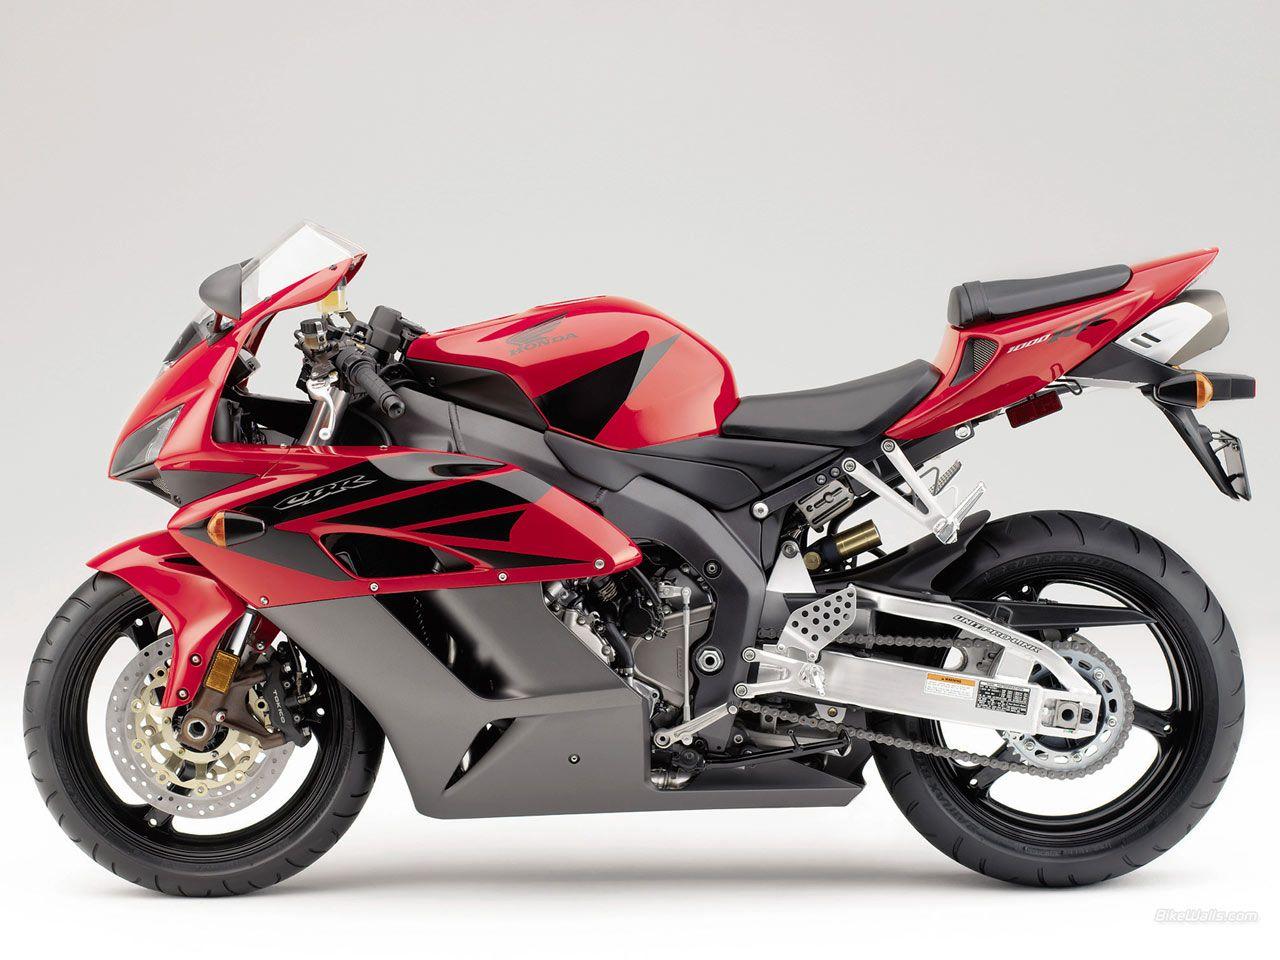 Honda Cbr1000rr 1280 X 960 Wallpaper Honda Fireblade Honda Sport Bikes Japanese Motorcycle